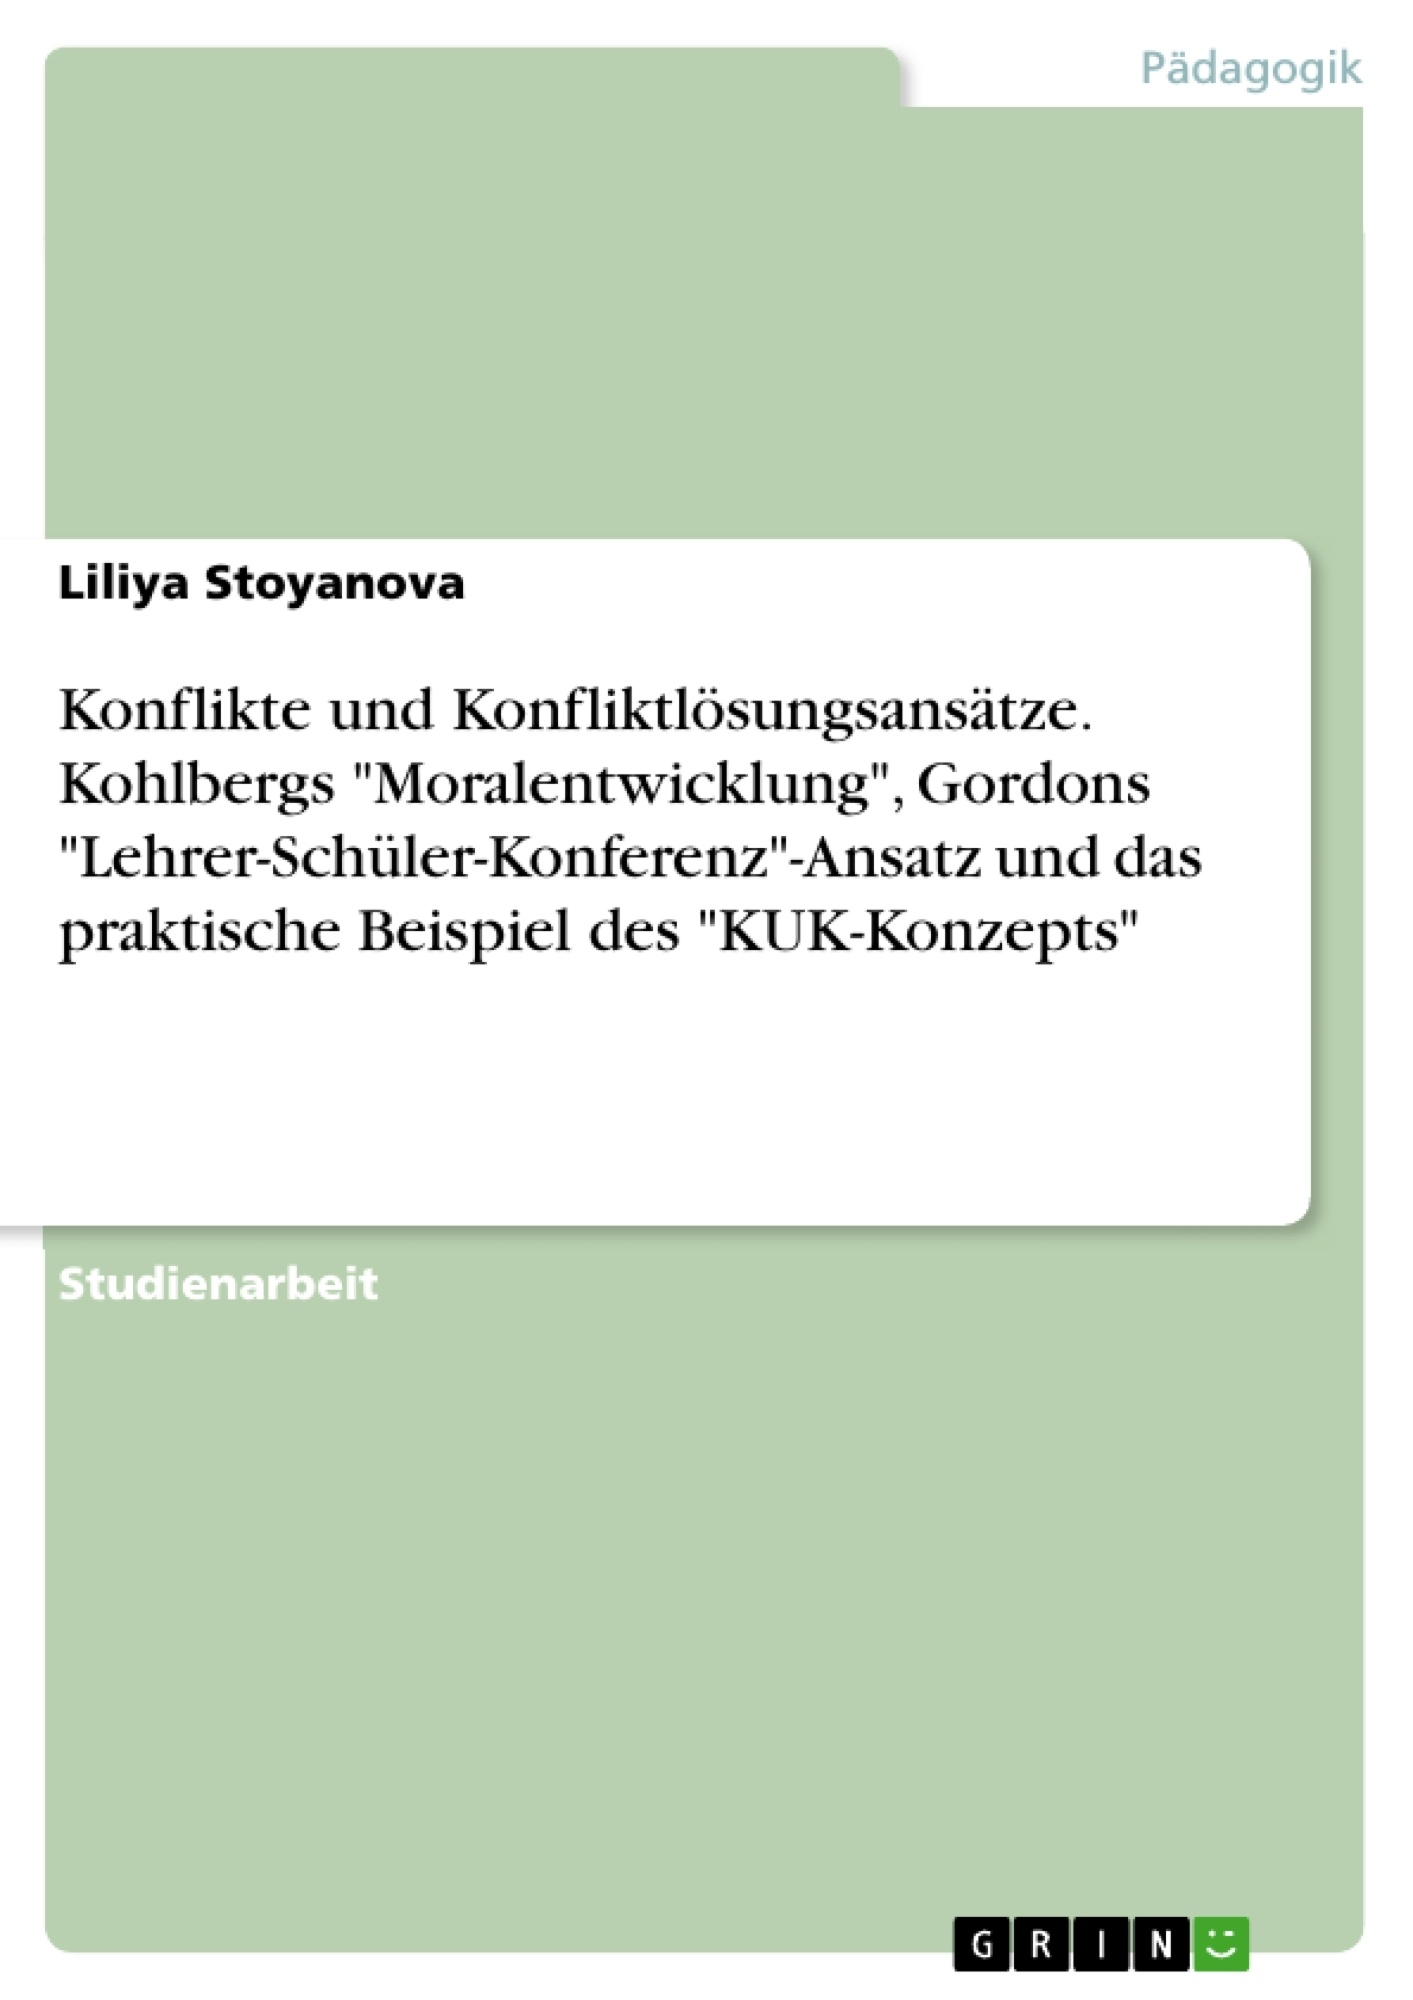 """Titel: Konflikte und Konfliktlösungsansätze. Kohlbergs """"Moralentwicklung"""", Gordons """"Lehrer-Schüler-Konferenz""""-Ansatz und das praktische Beispiel des """"KUK-Konzepts"""""""